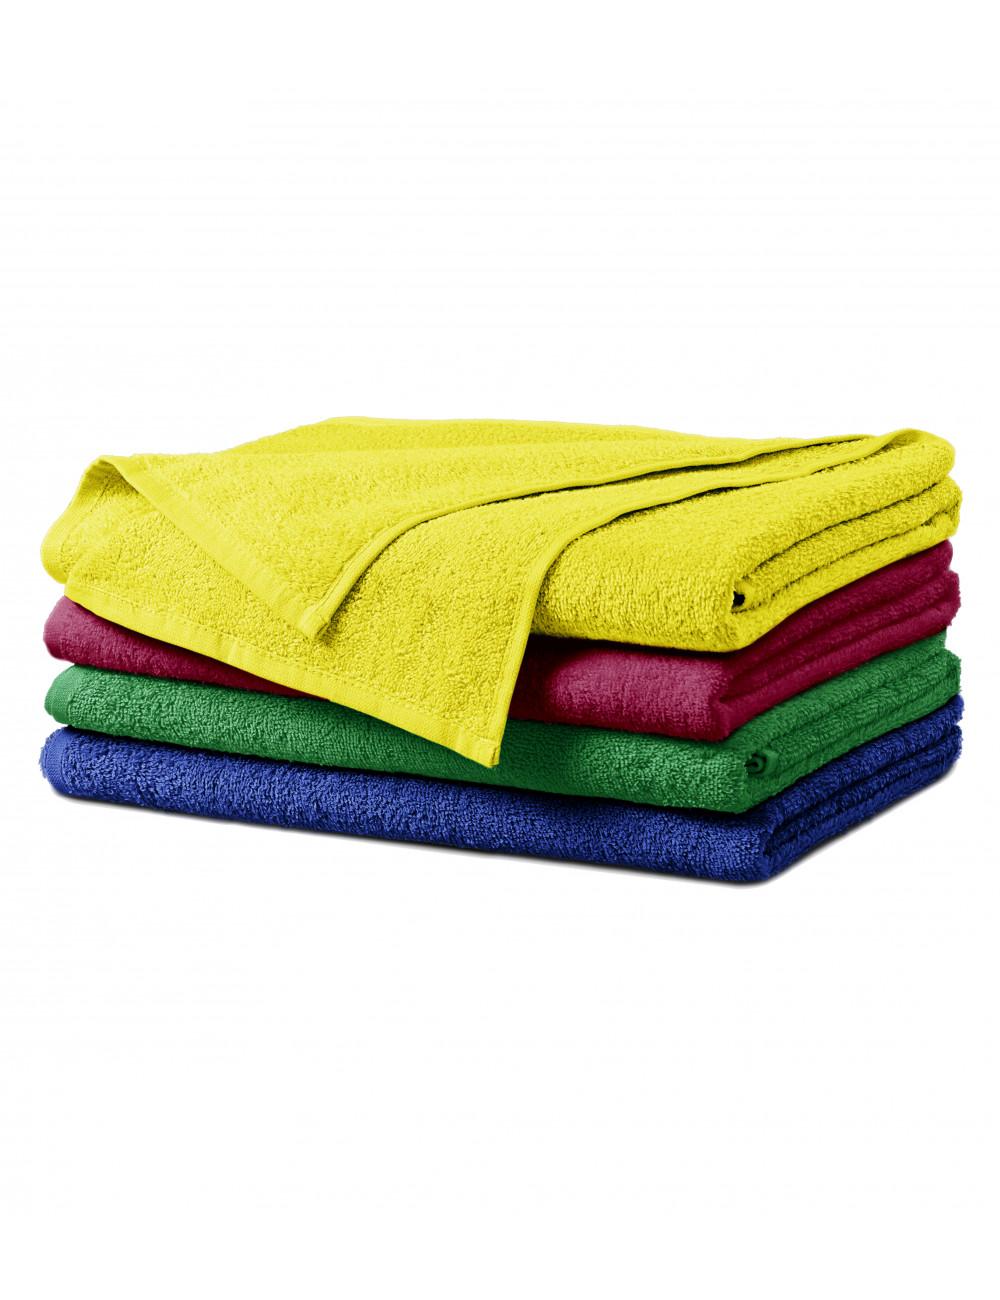 Adler MALFINI Ręcznik duży unisex Terry Bath Towel 909 zieleń trawy